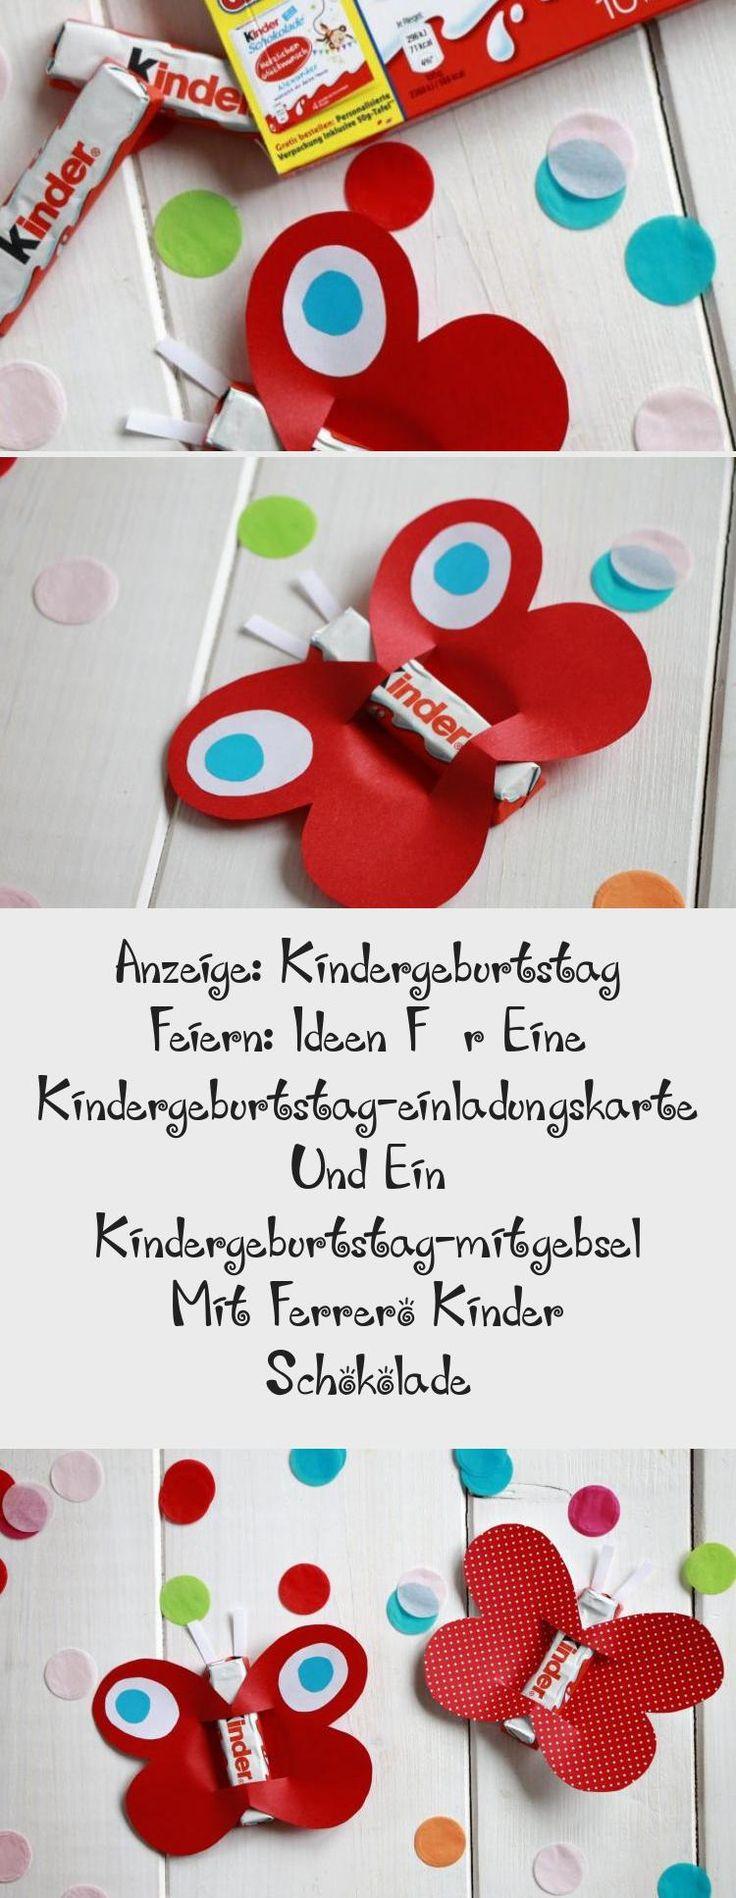 kindergeburtstag einladungskarte idee: diese kreative